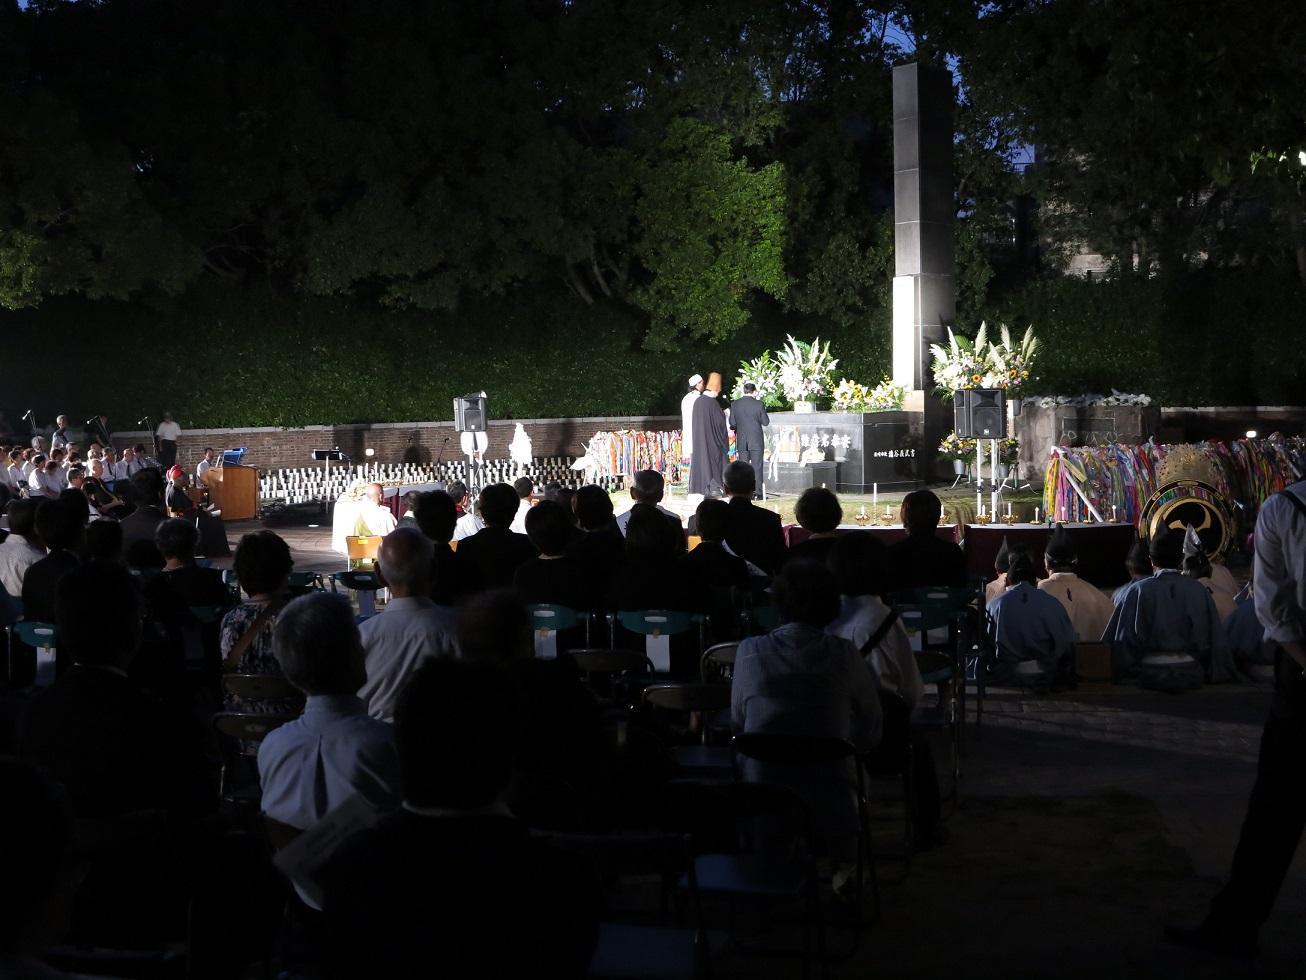 2013.8.8 原爆殉難者慰霊祭 IMG_0220